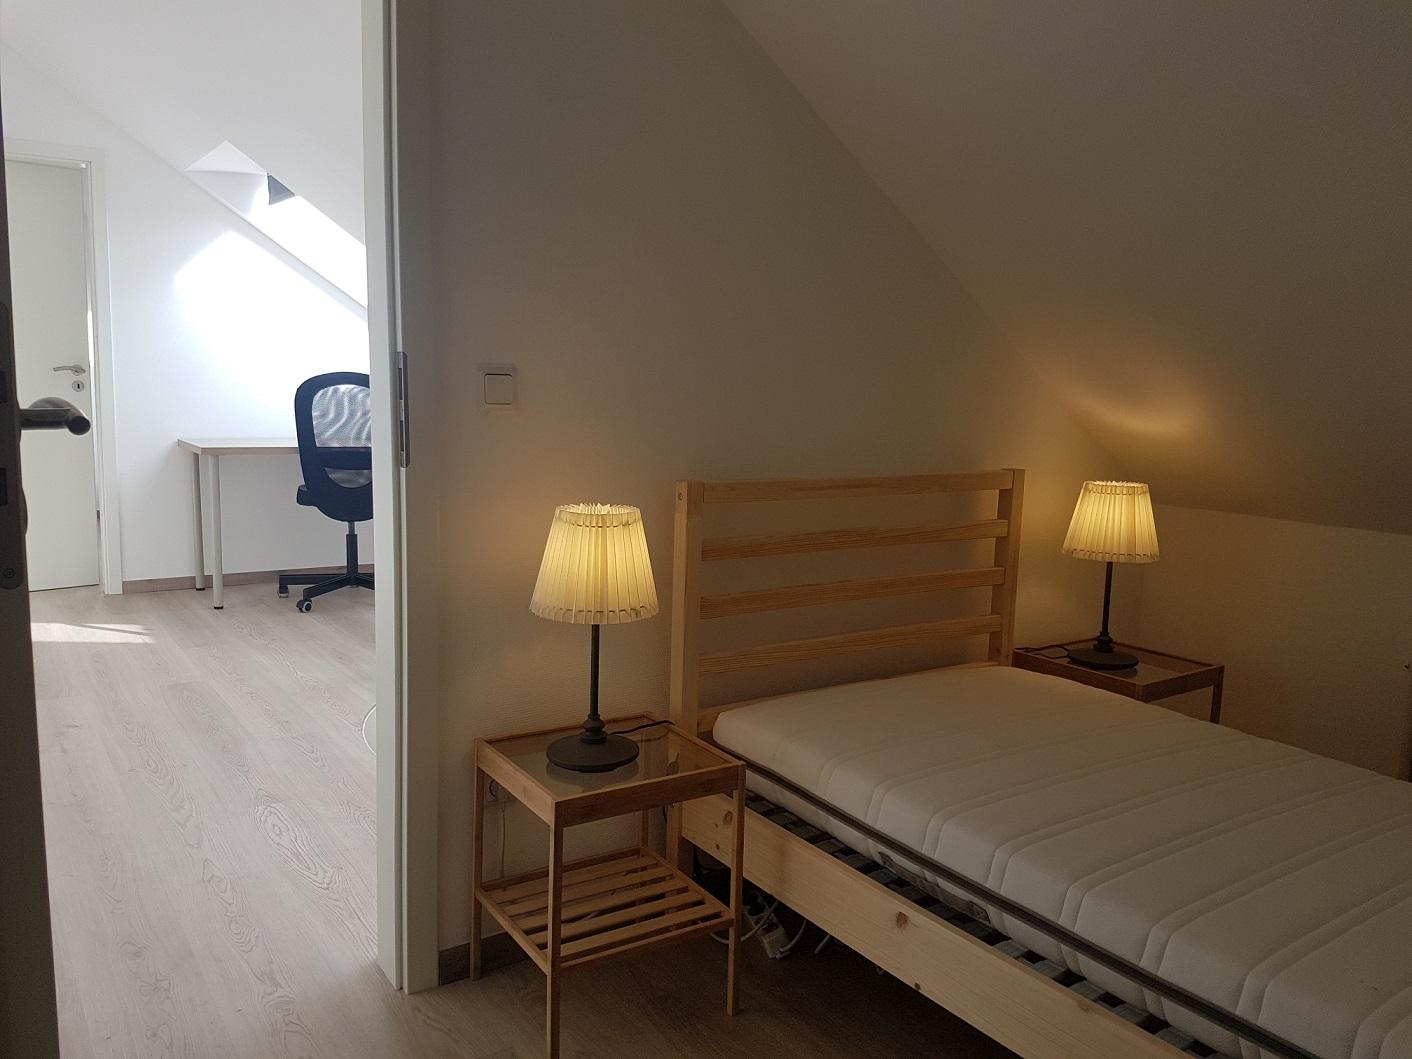 Chambre simple confortable bureau duplex moderne kirchberg